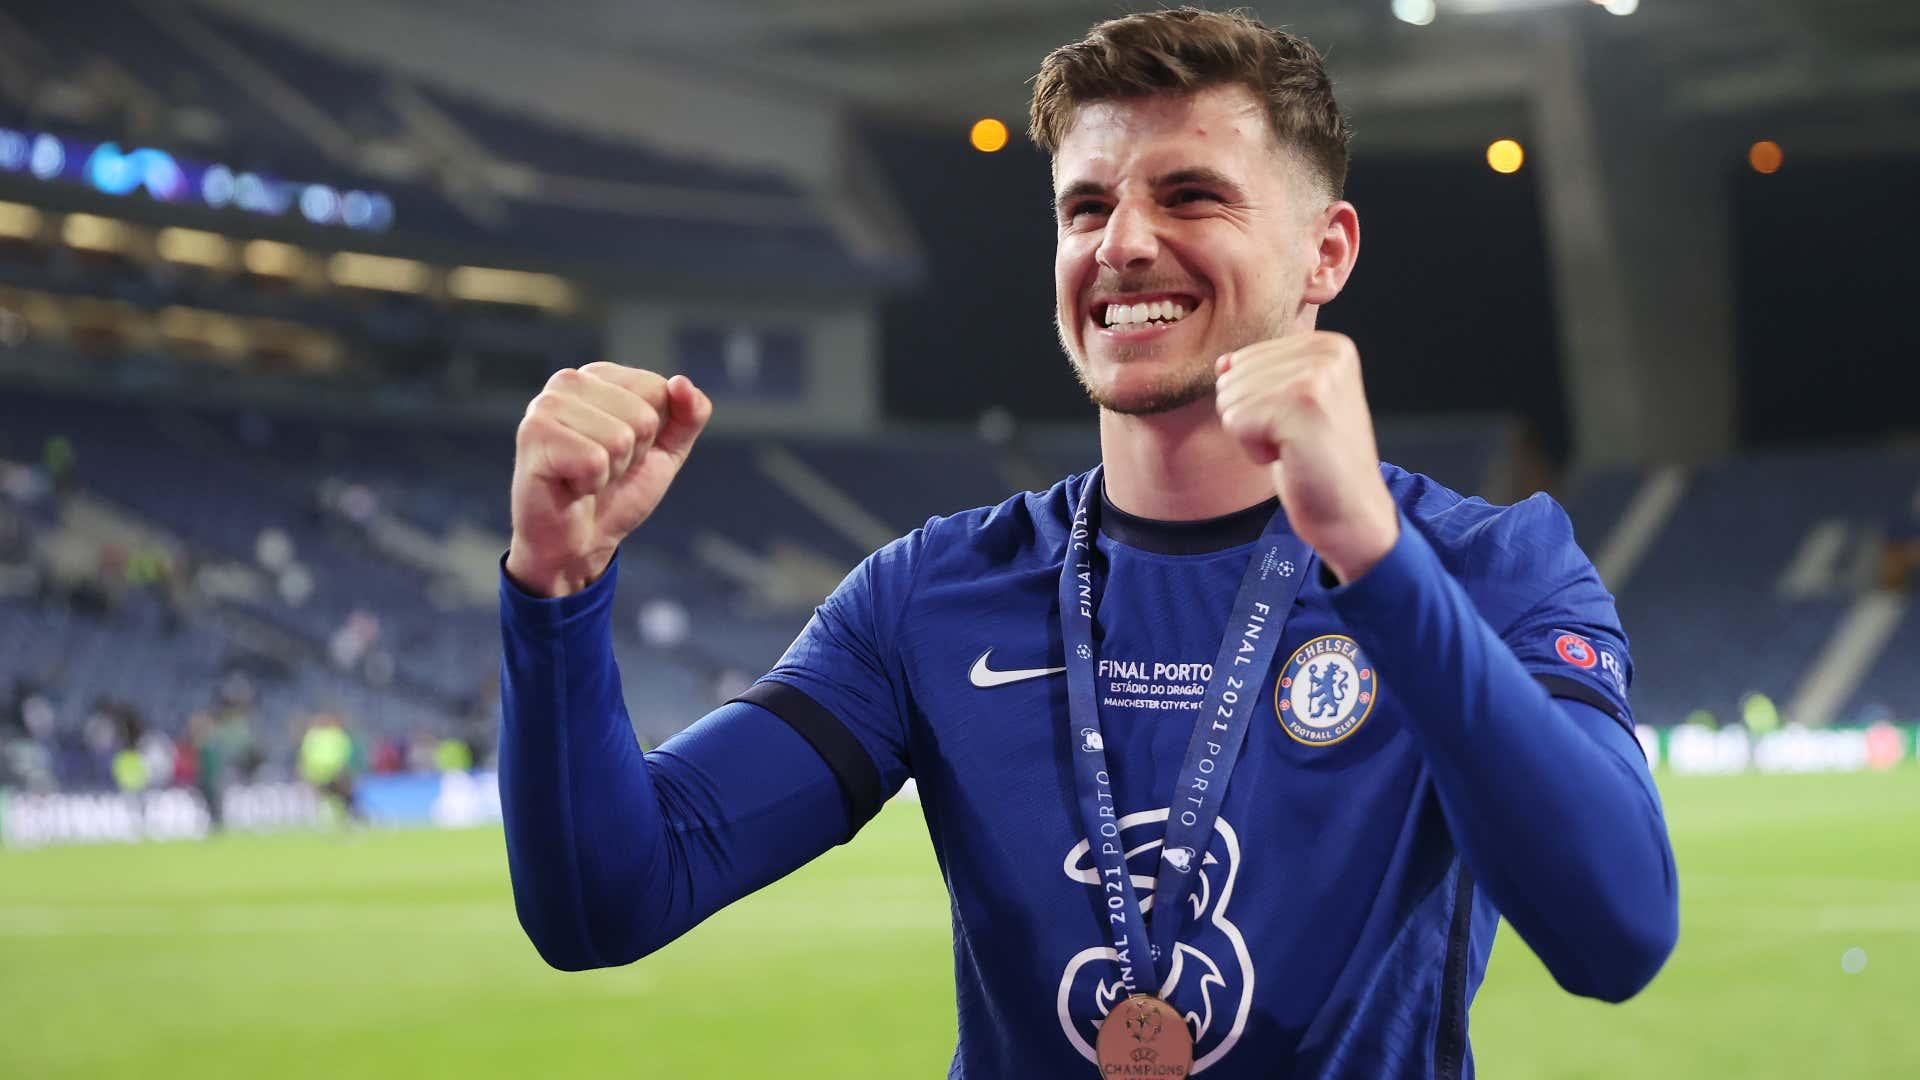 Gehaltsverdopplung! Chelsea will mit Mason Mount verlängern | Goal.com